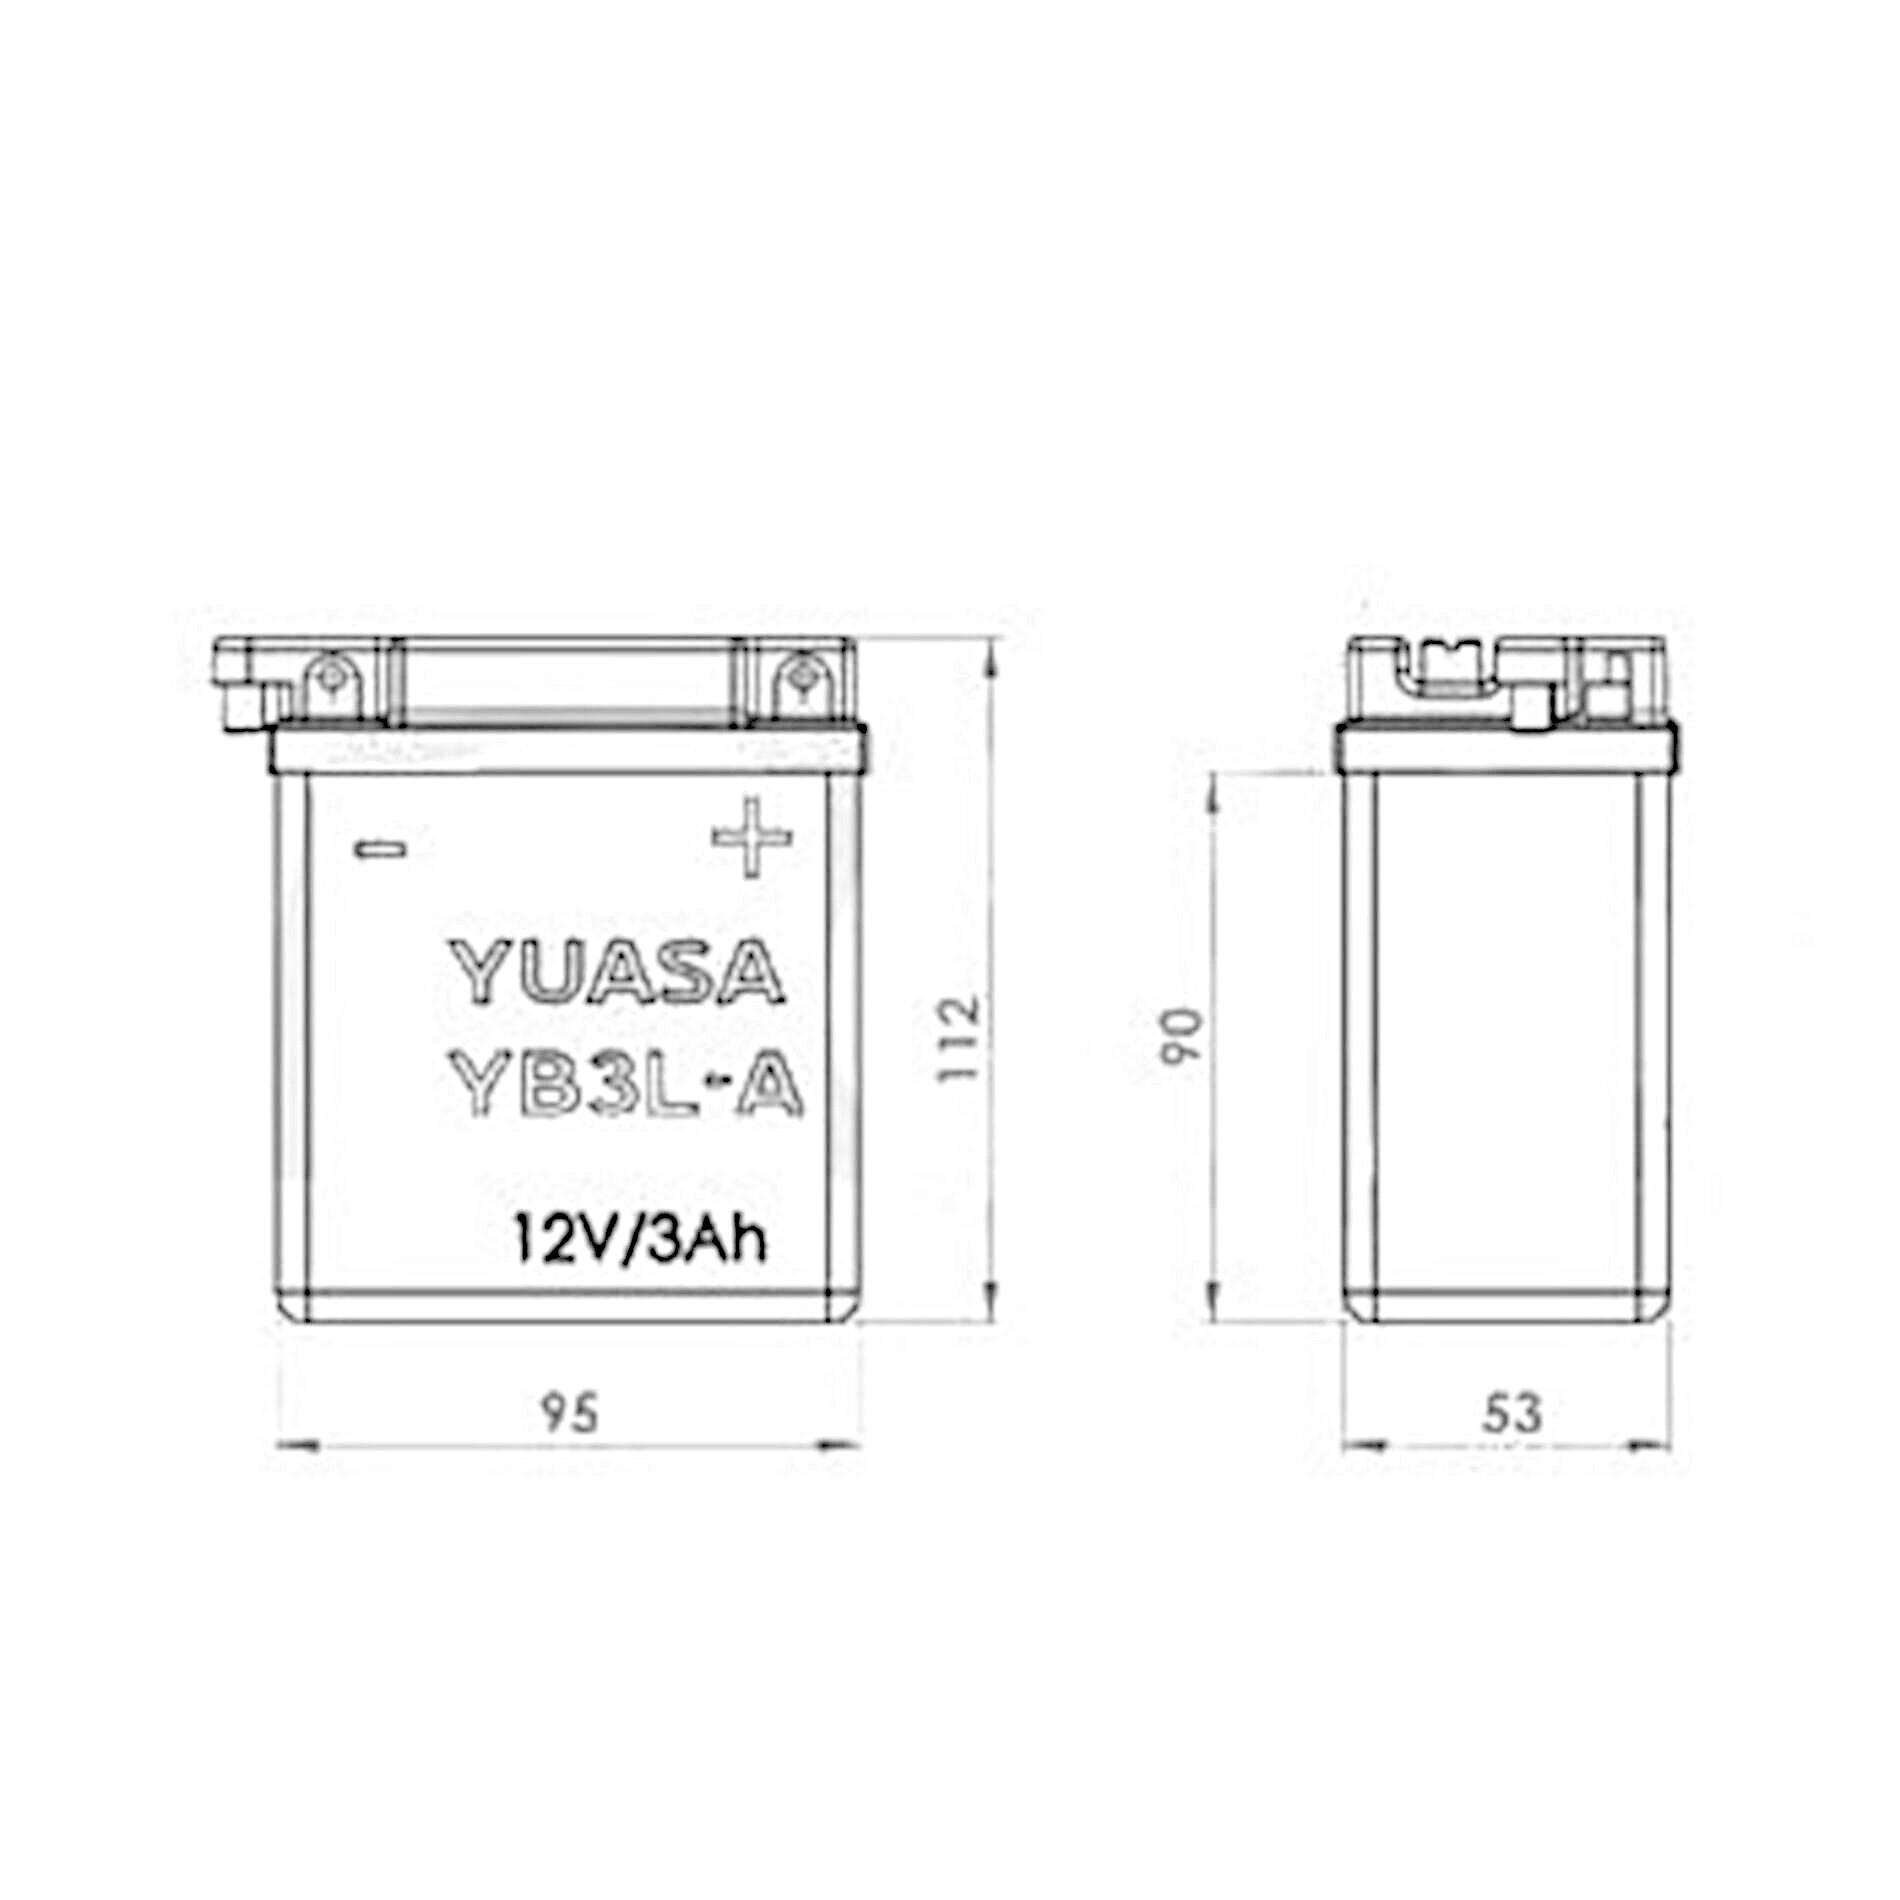 Batterie Yuasa YB3L-A 12V 3Ah avec entretien